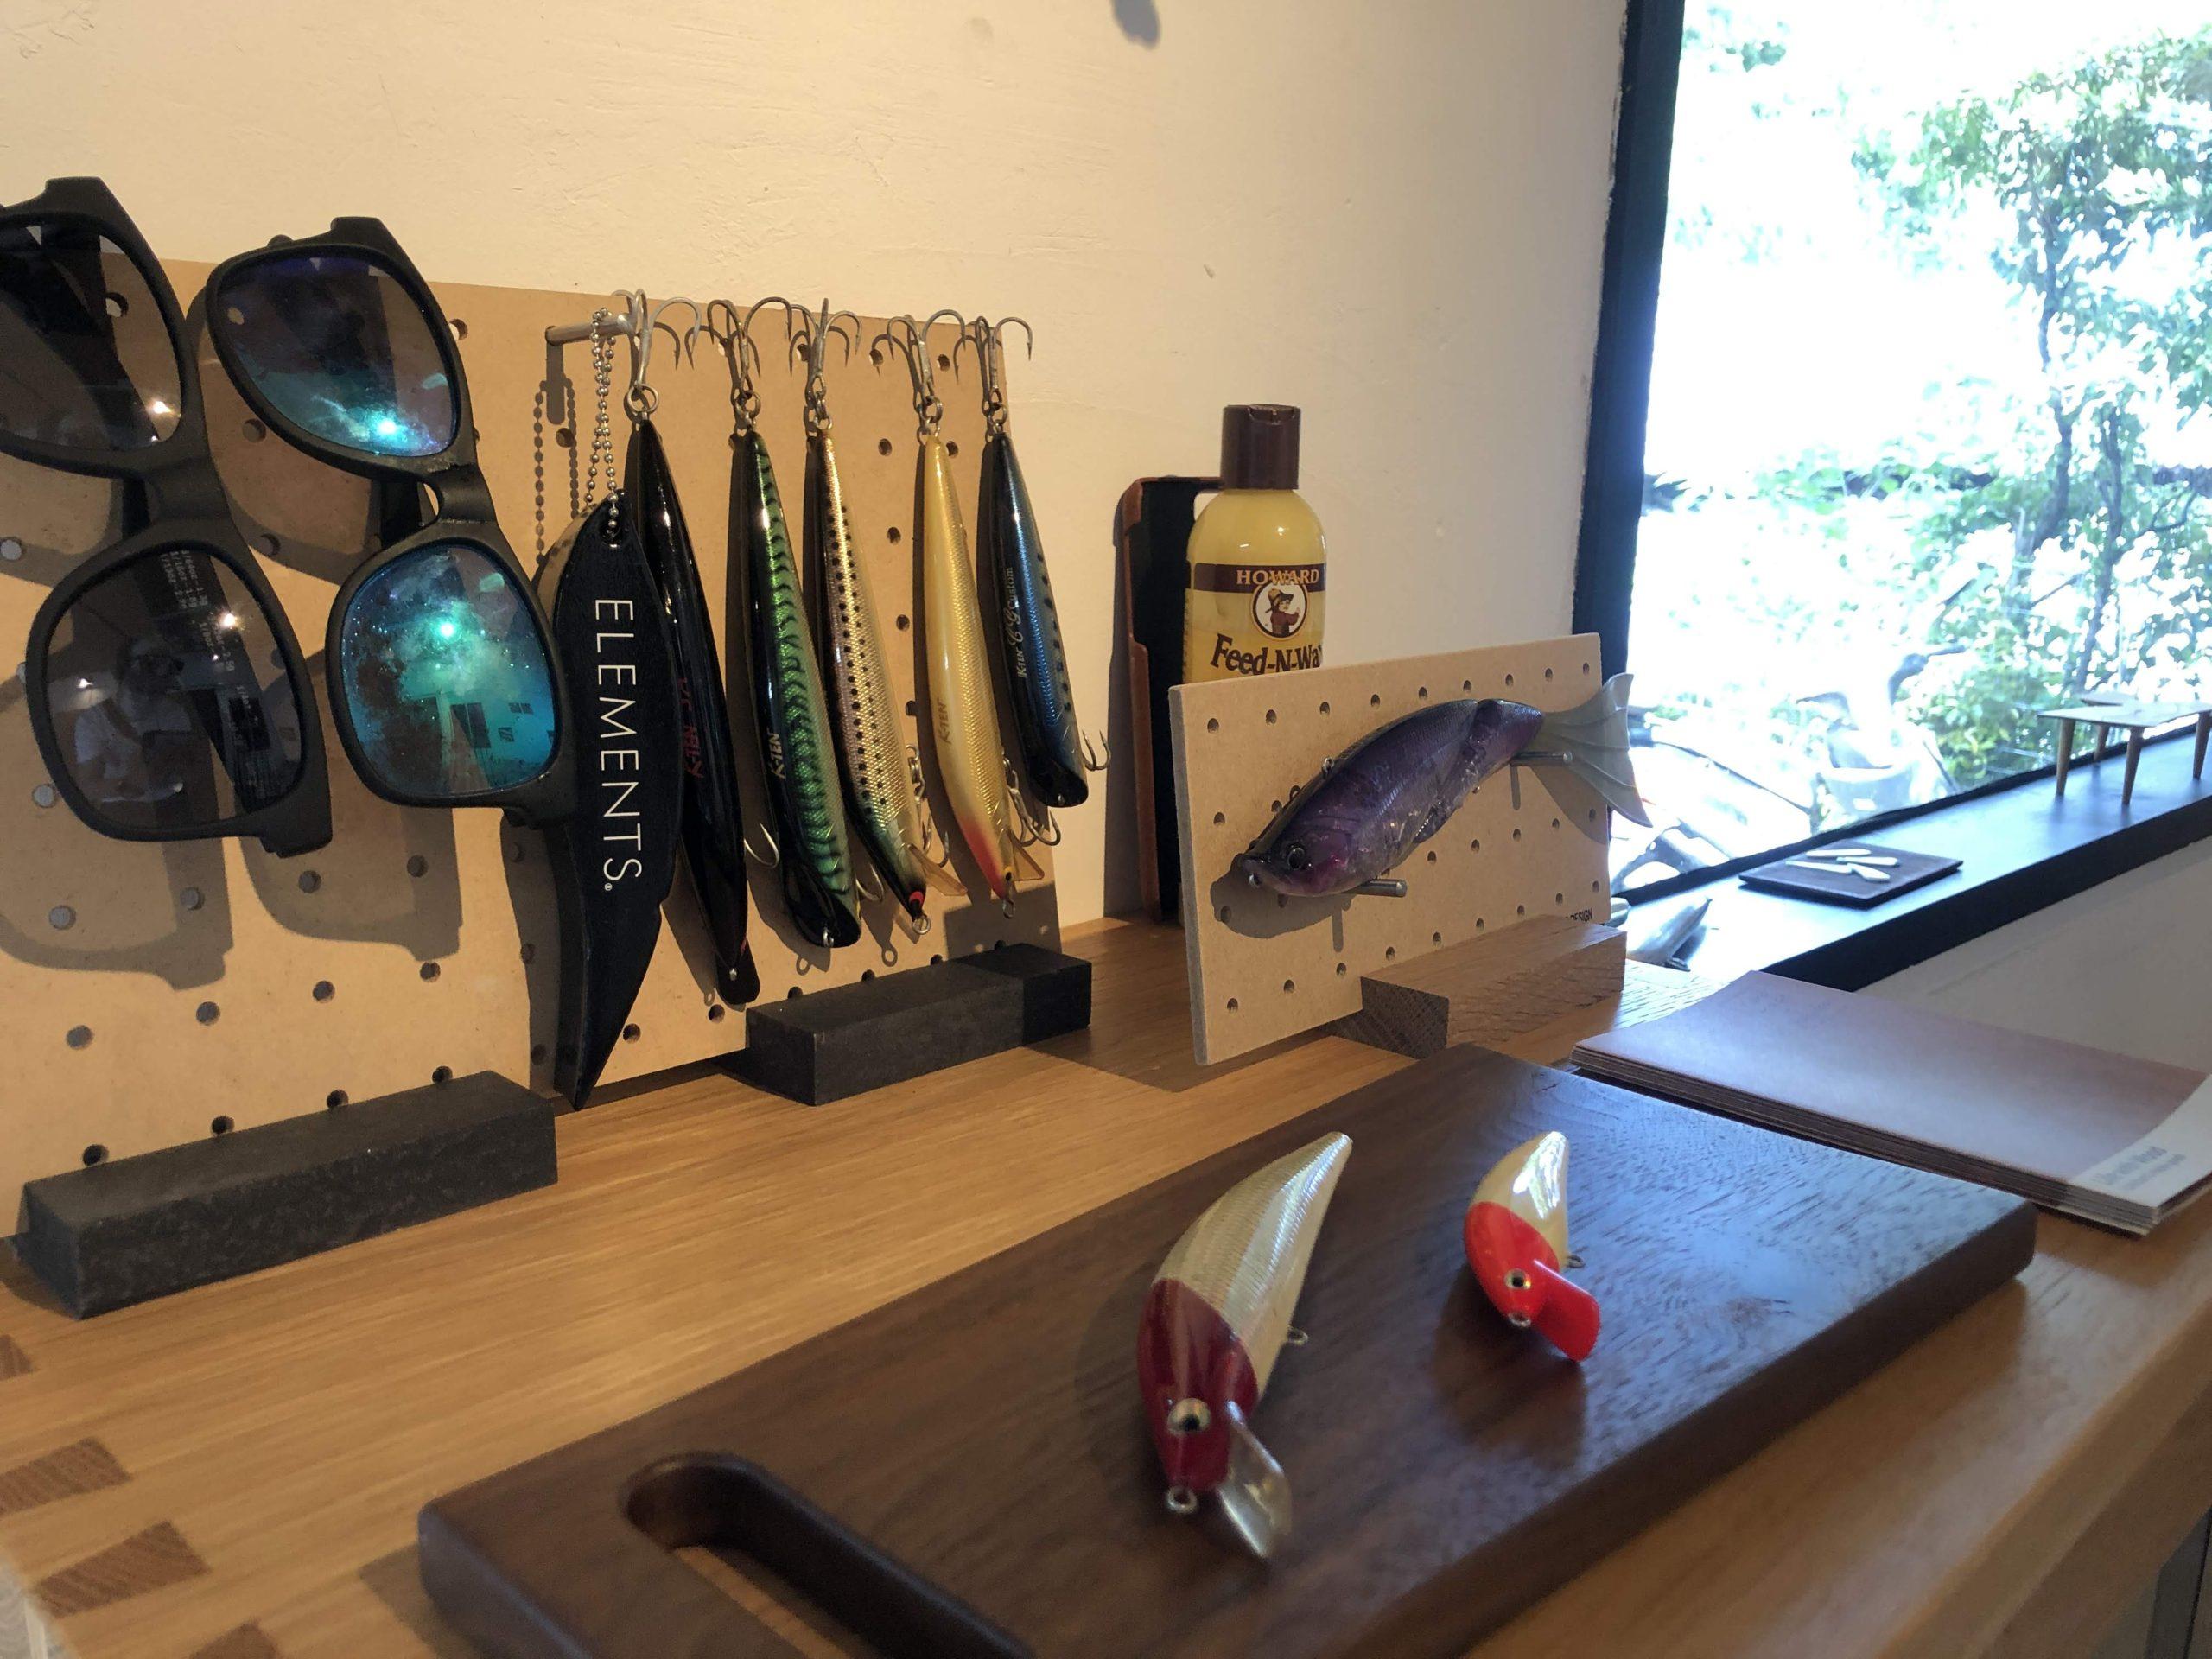 糸島にあるウロコデザイン 濱本さんの工房でロッドスタンドの件でご挨拶をしてきました!